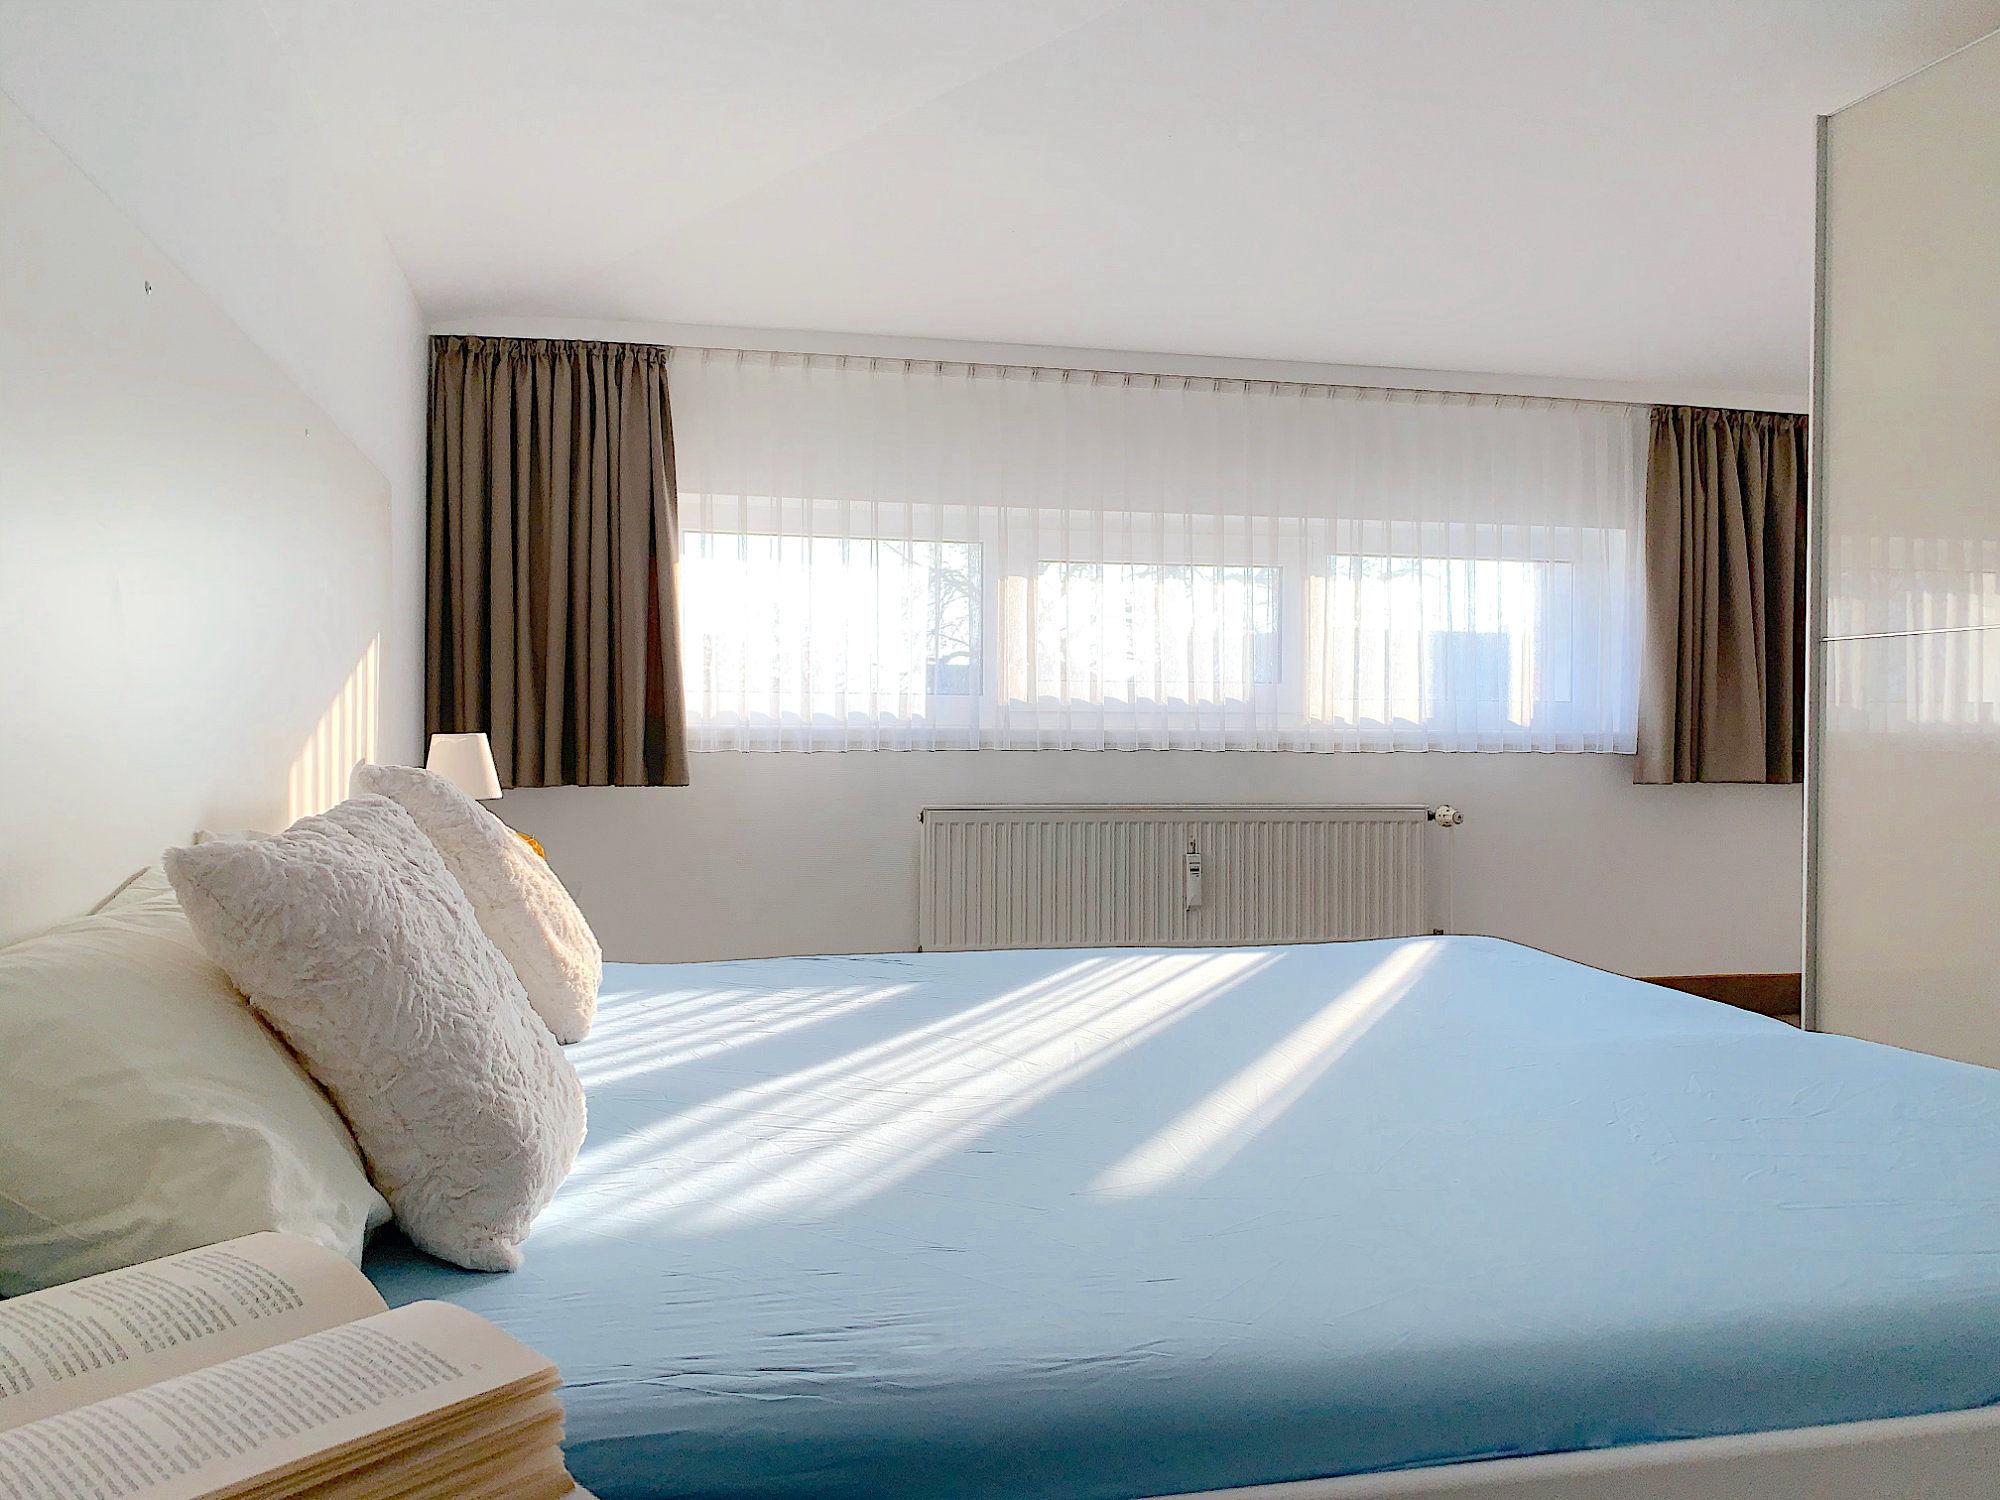 Schlafzimmer mit Doppelbett, rechts davon ein großer Kleiderschrank, im Hintergrund ein breites Fenster